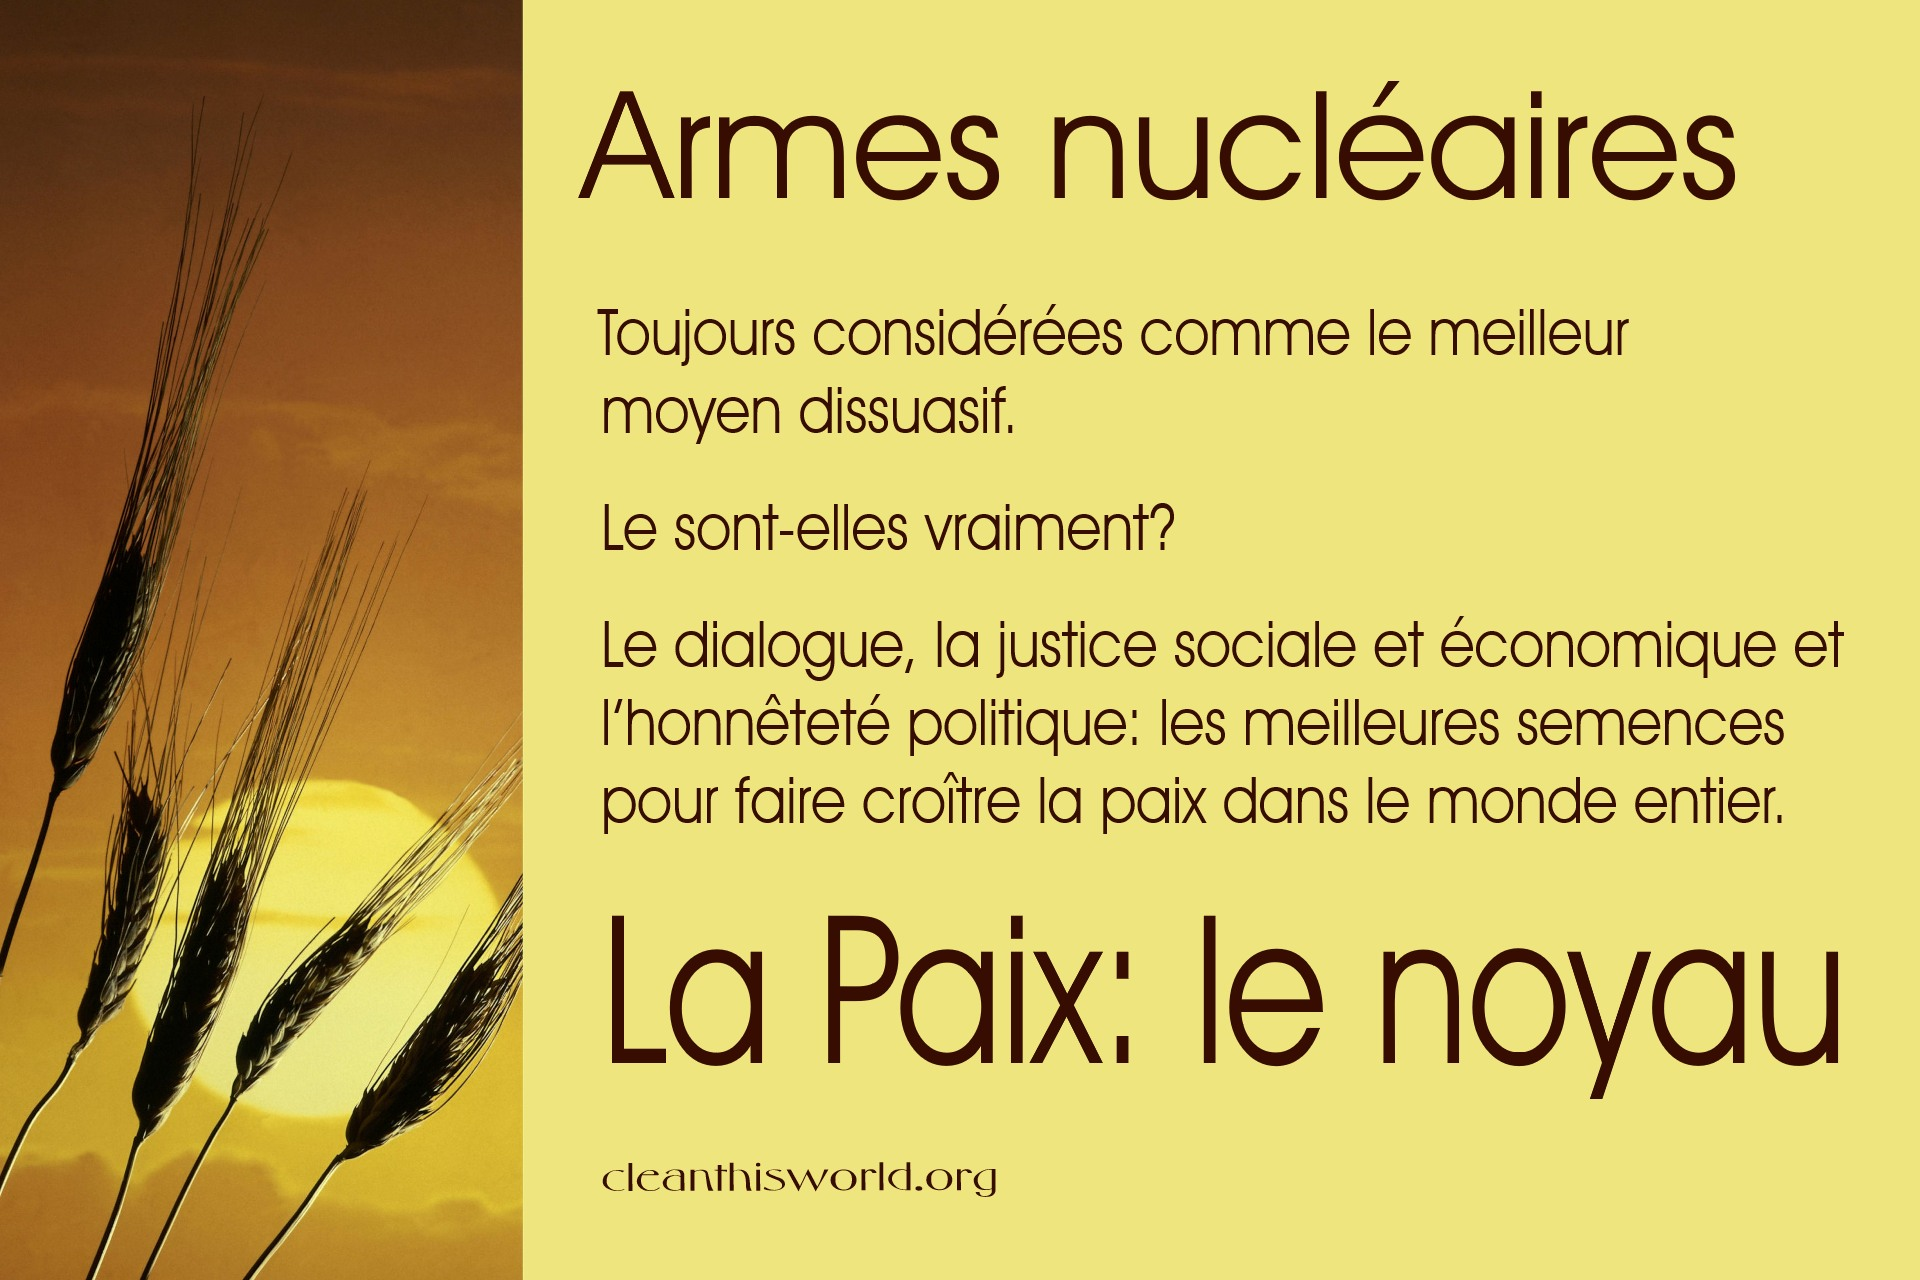 Armes nucléaires